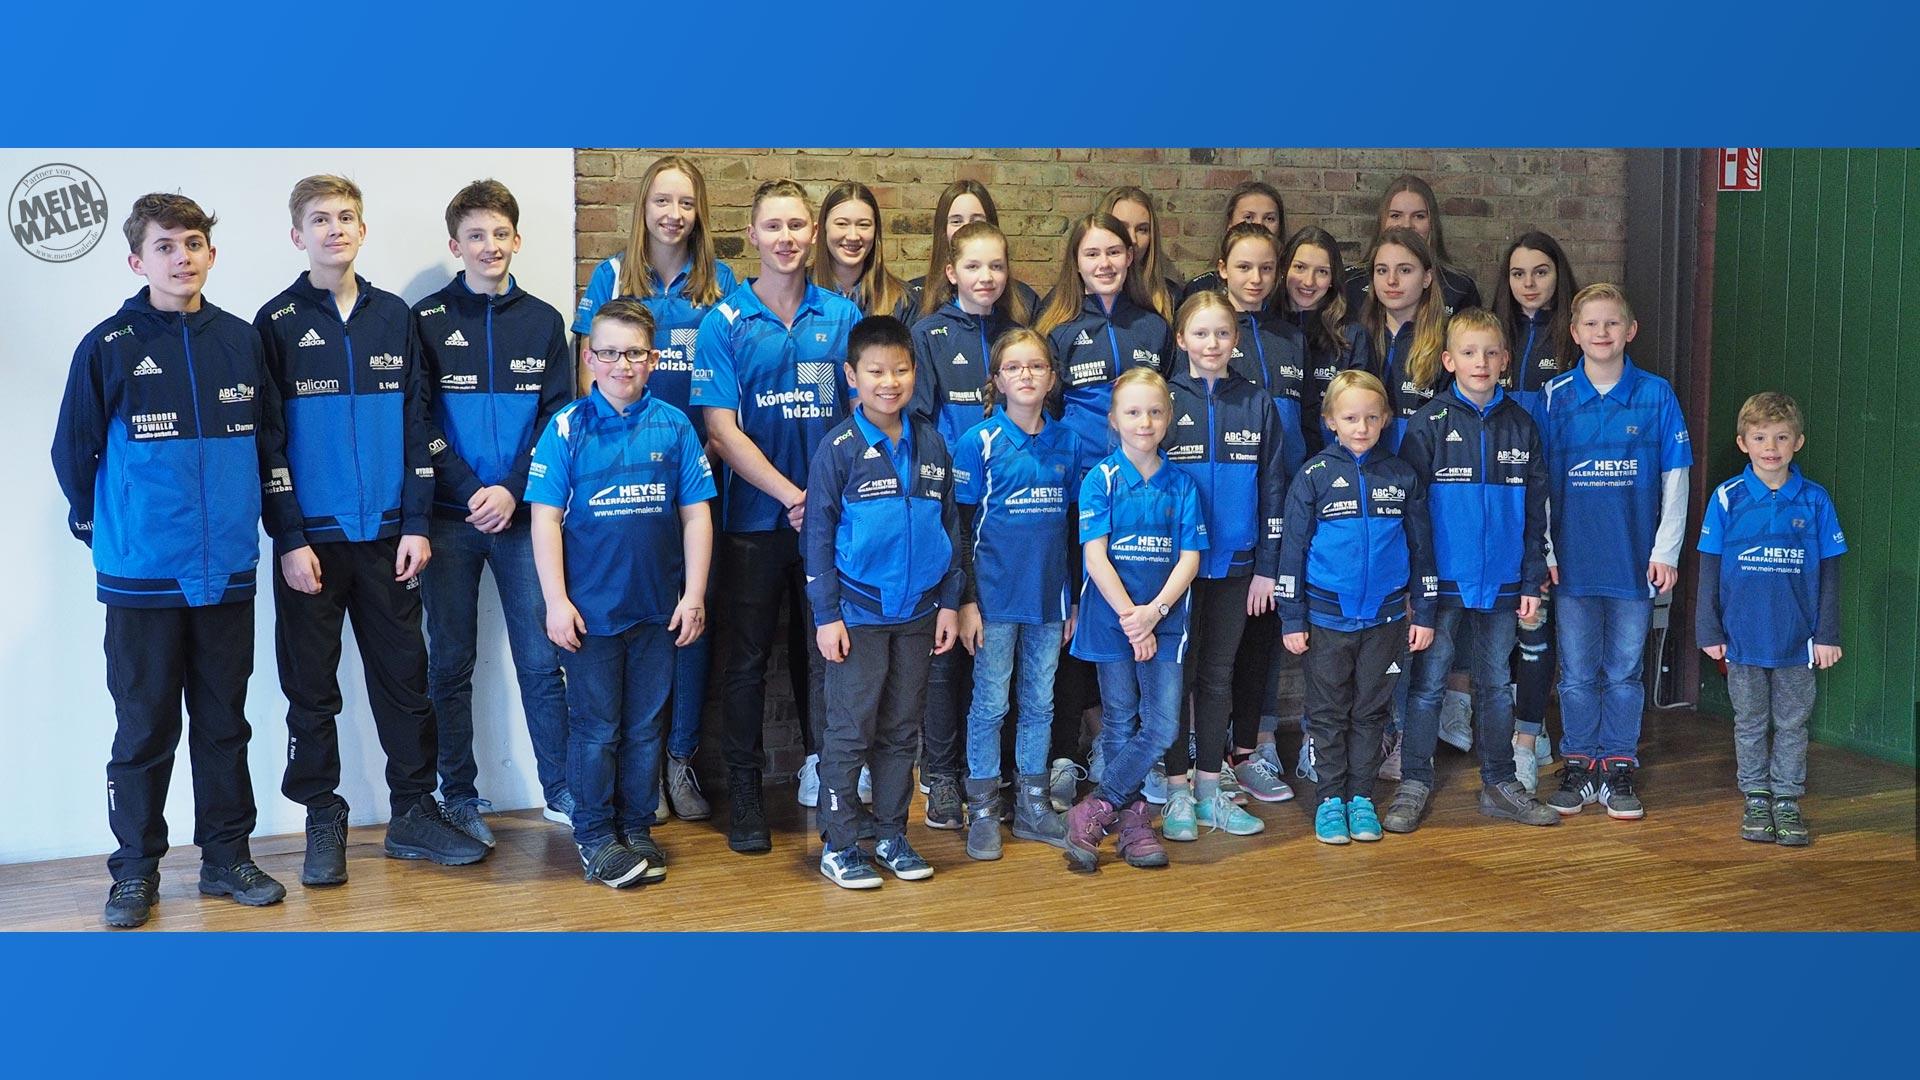 Sportlerehrung Isernhagen Maler Heyse Sponsoring Sport 10